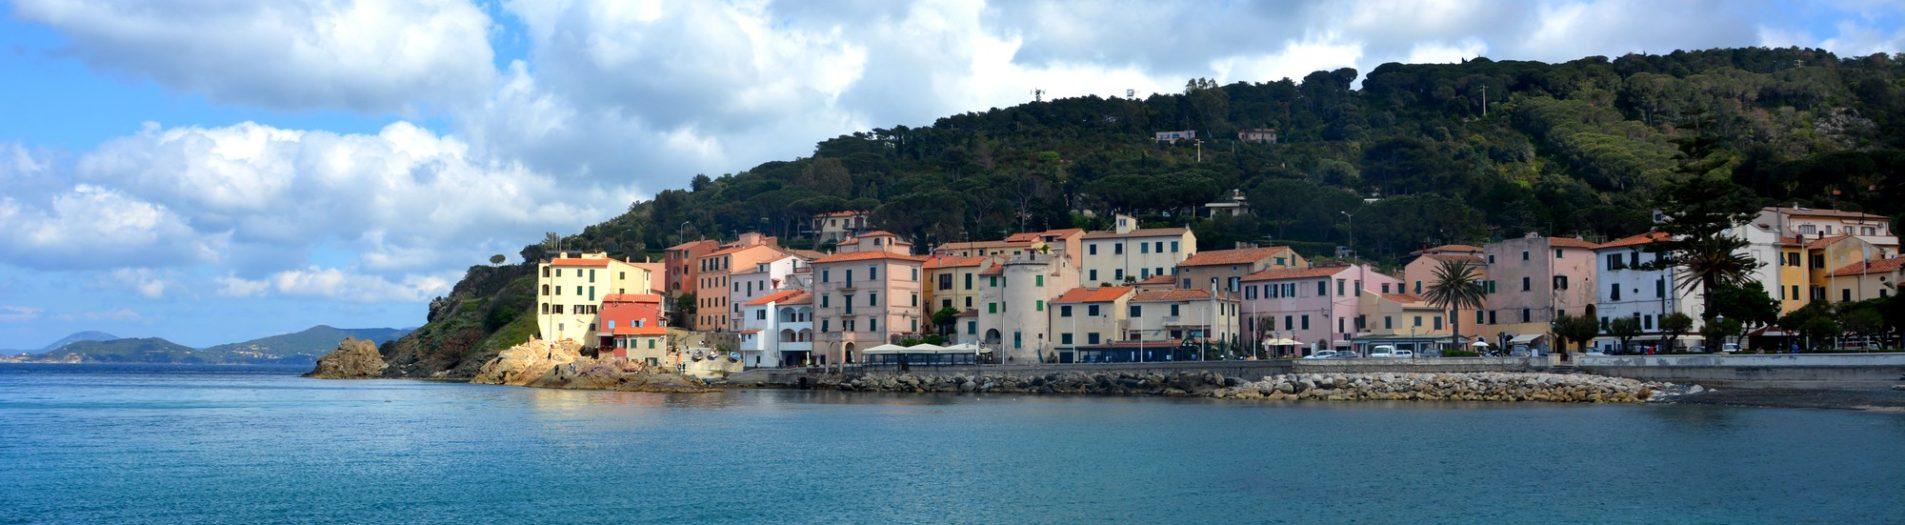 From Marciana Marina to Pomonte